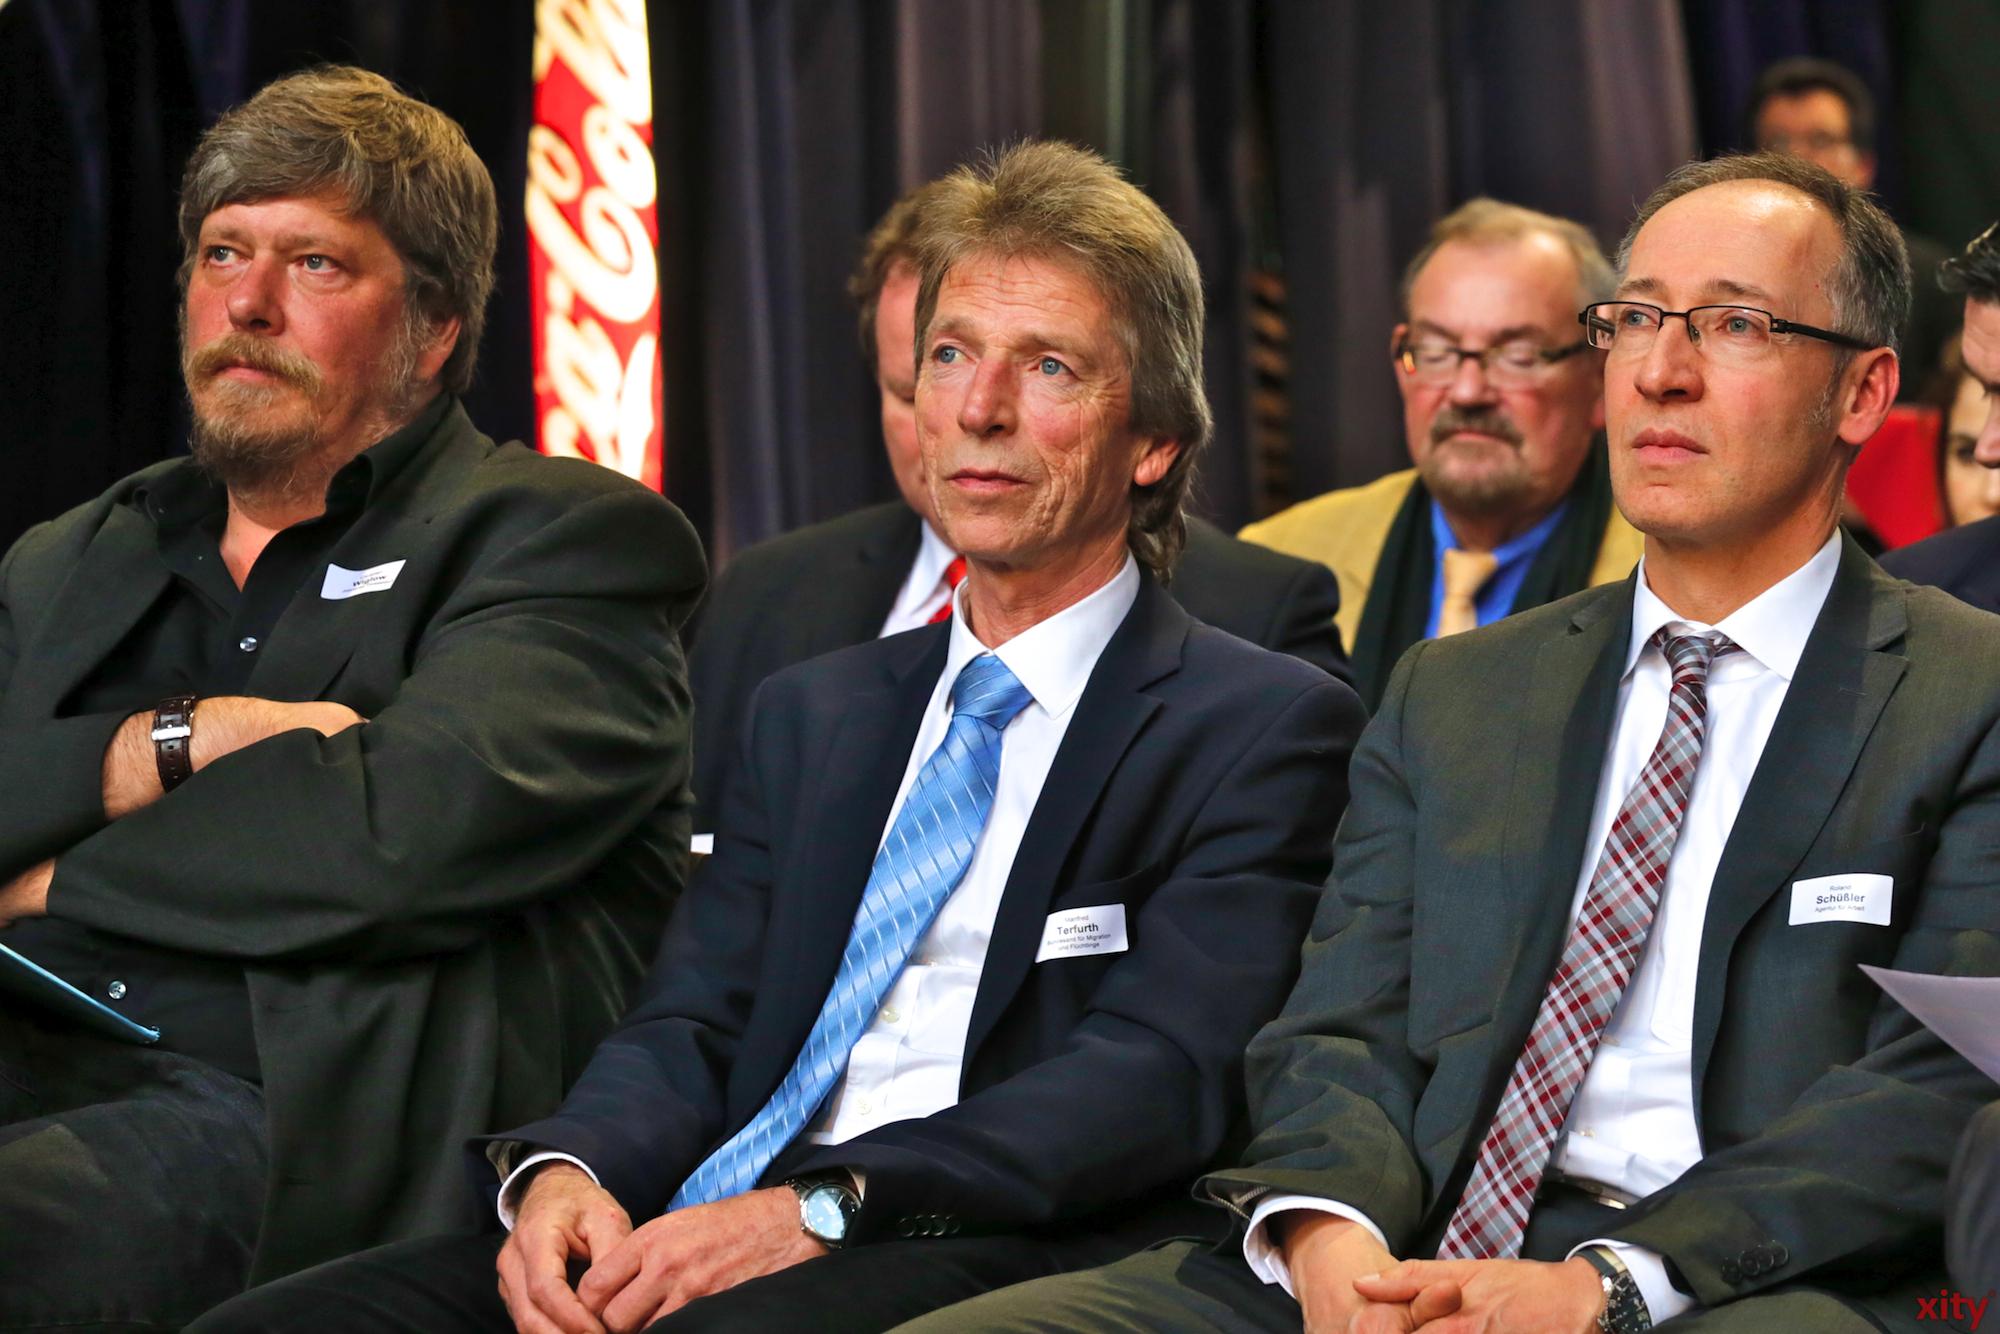 Gemeinsam mit Experten aus Politik, Verwaltung, Wirtschaft und Zivilgesellschaft wurde an diesem abend diskutiert. (Foto: xity)